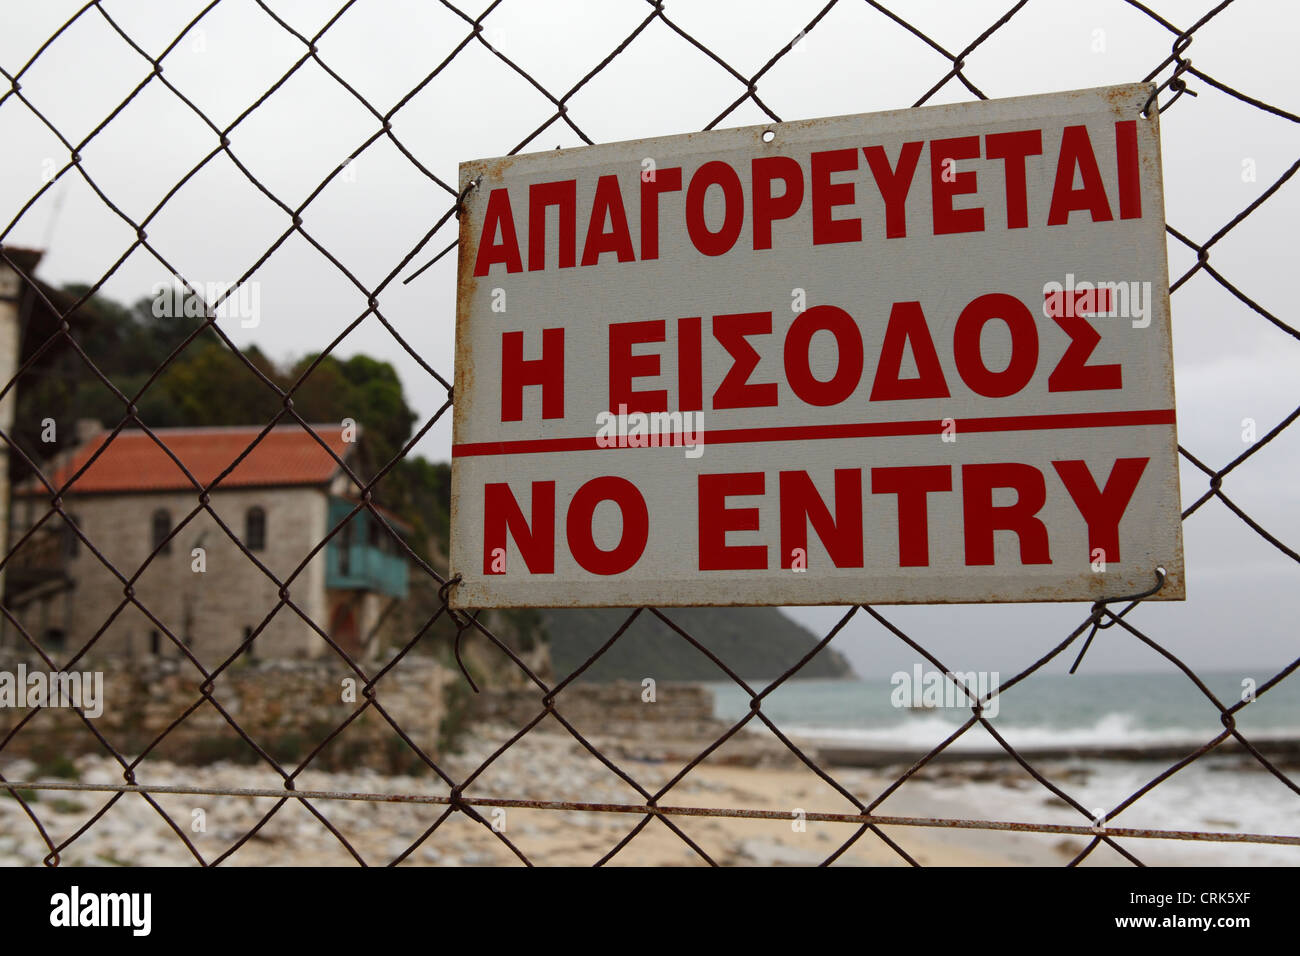 Un segno sottolinea che non vi è alcuna voce via terra al Monte Athos in Grecia. Immagini Stock